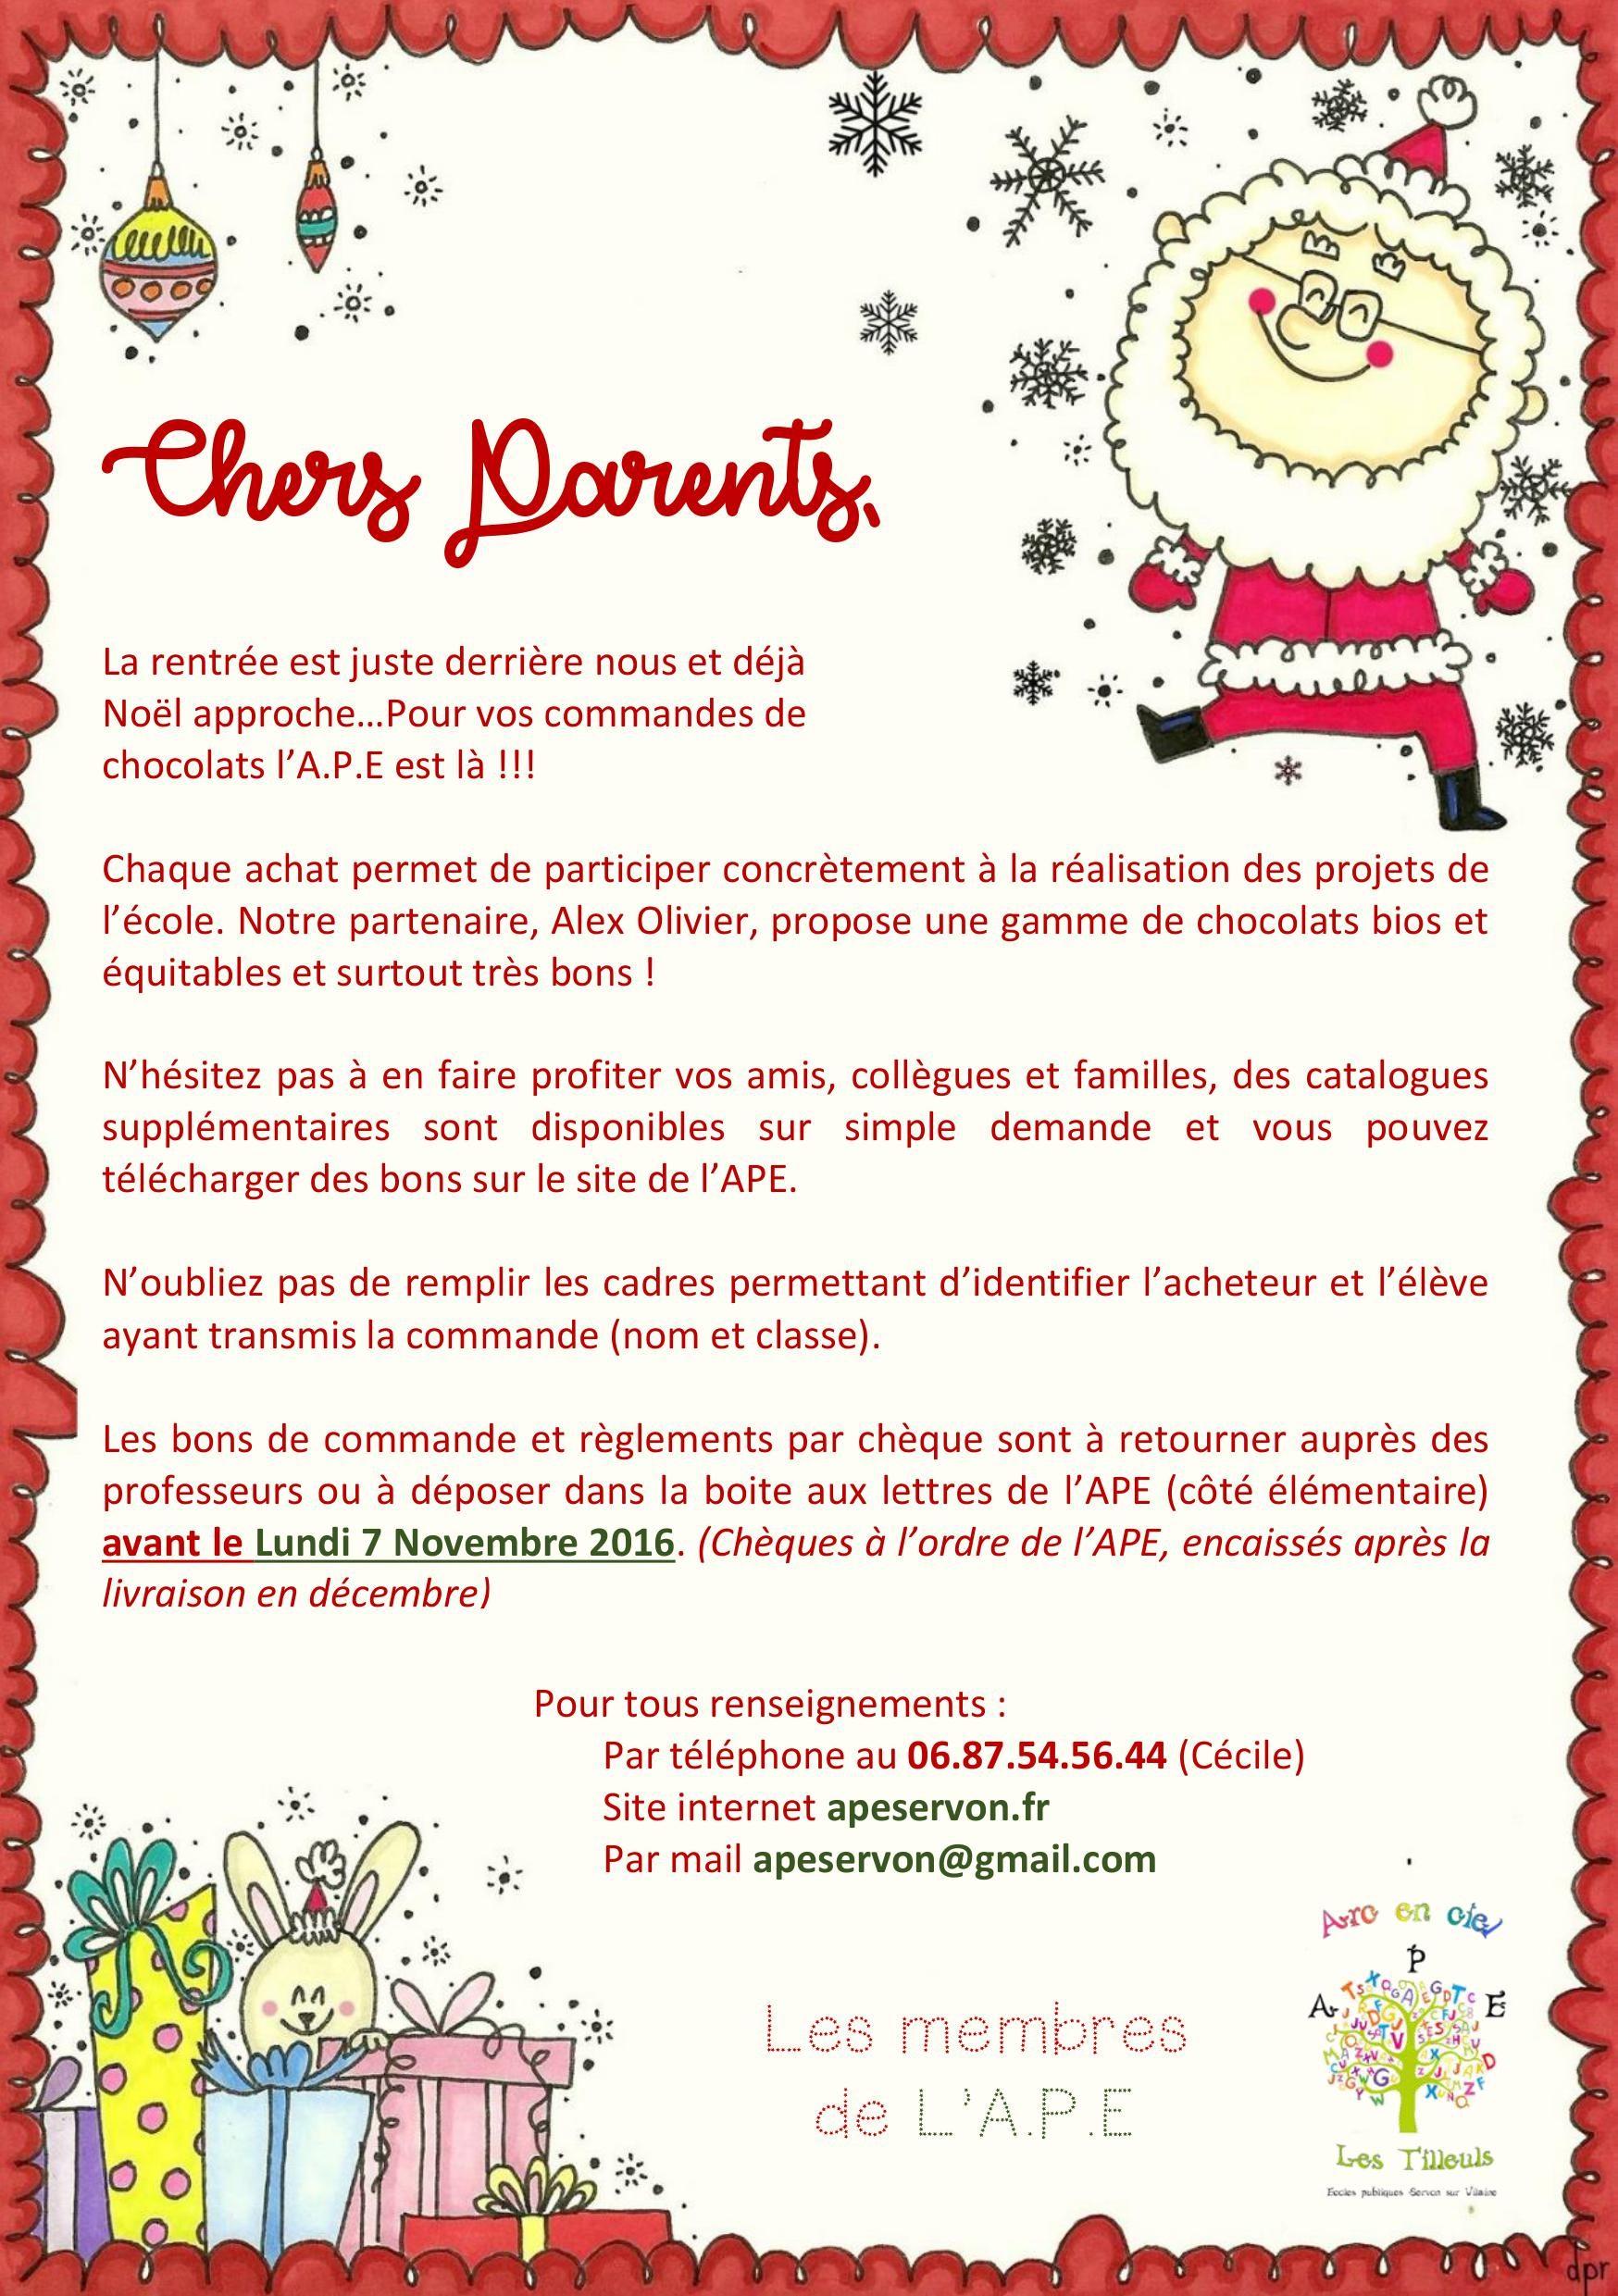 catalogue alex olivier noel 2018 pdf Vente de chocolats Alex Olivier – APE Servon catalogue alex olivier noel 2018 pdf